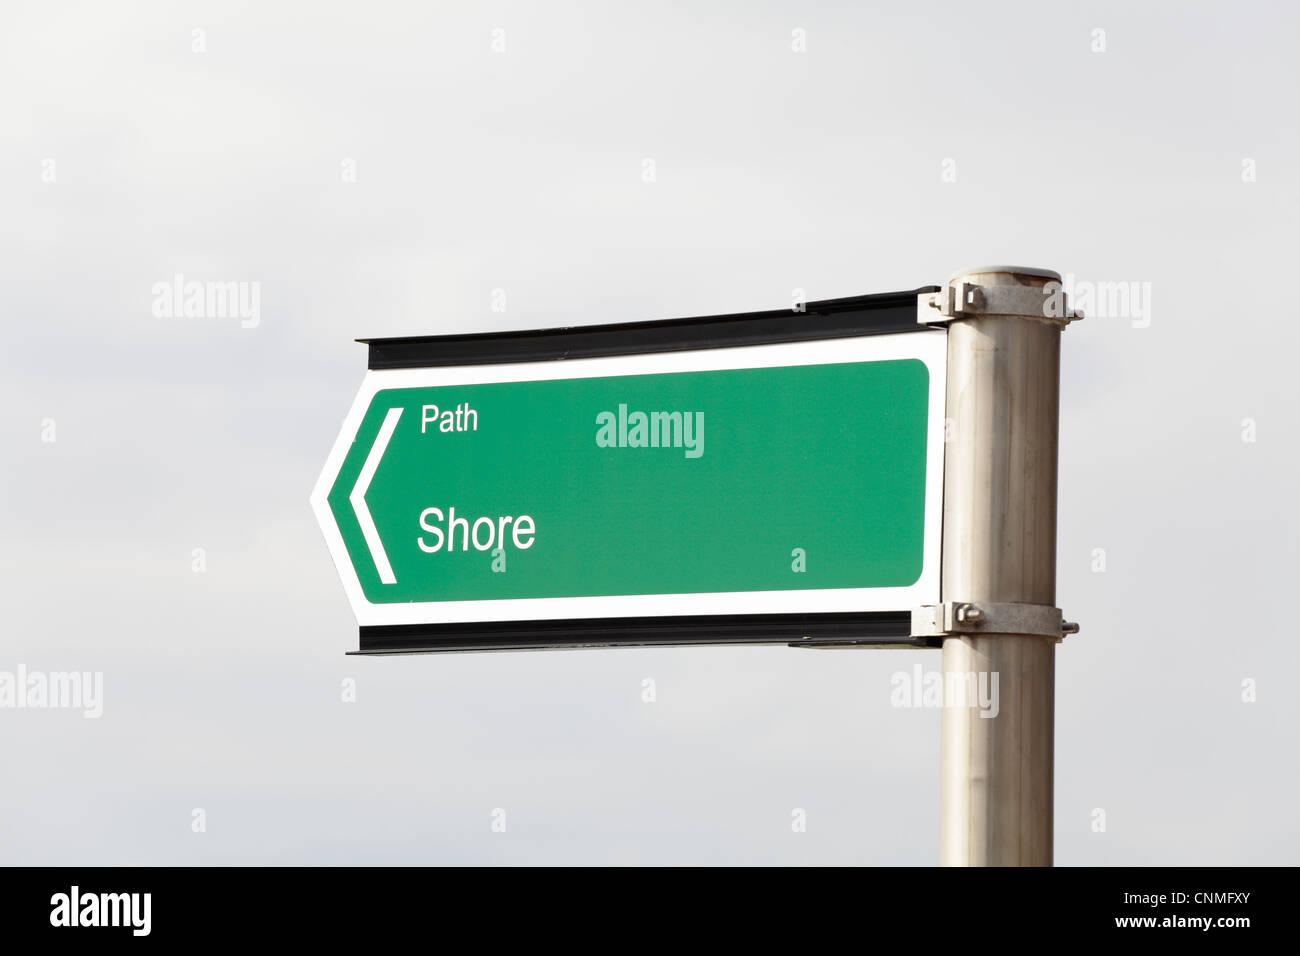 Panneau indiquant un chemin de rivage entre Portencross et West Kilbride dans le nord de Ayrshire, Écosse, Royaume-Uni Banque D'Images